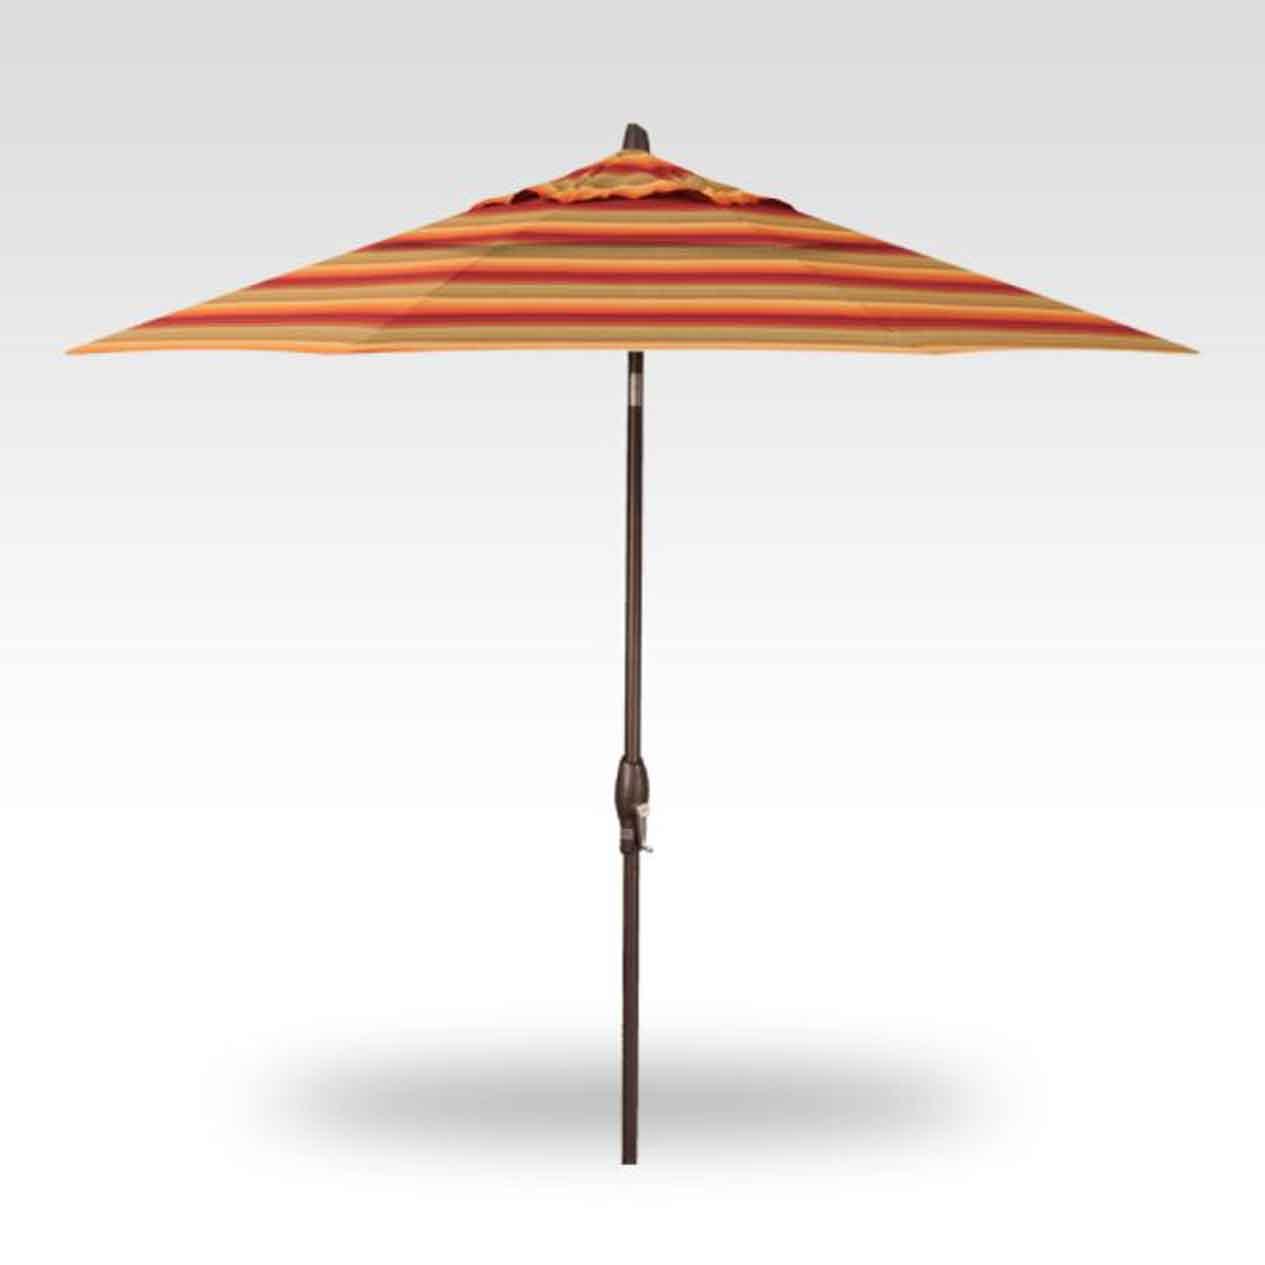 9' Auto Tilt Market Umbrella - Astoria Sunset